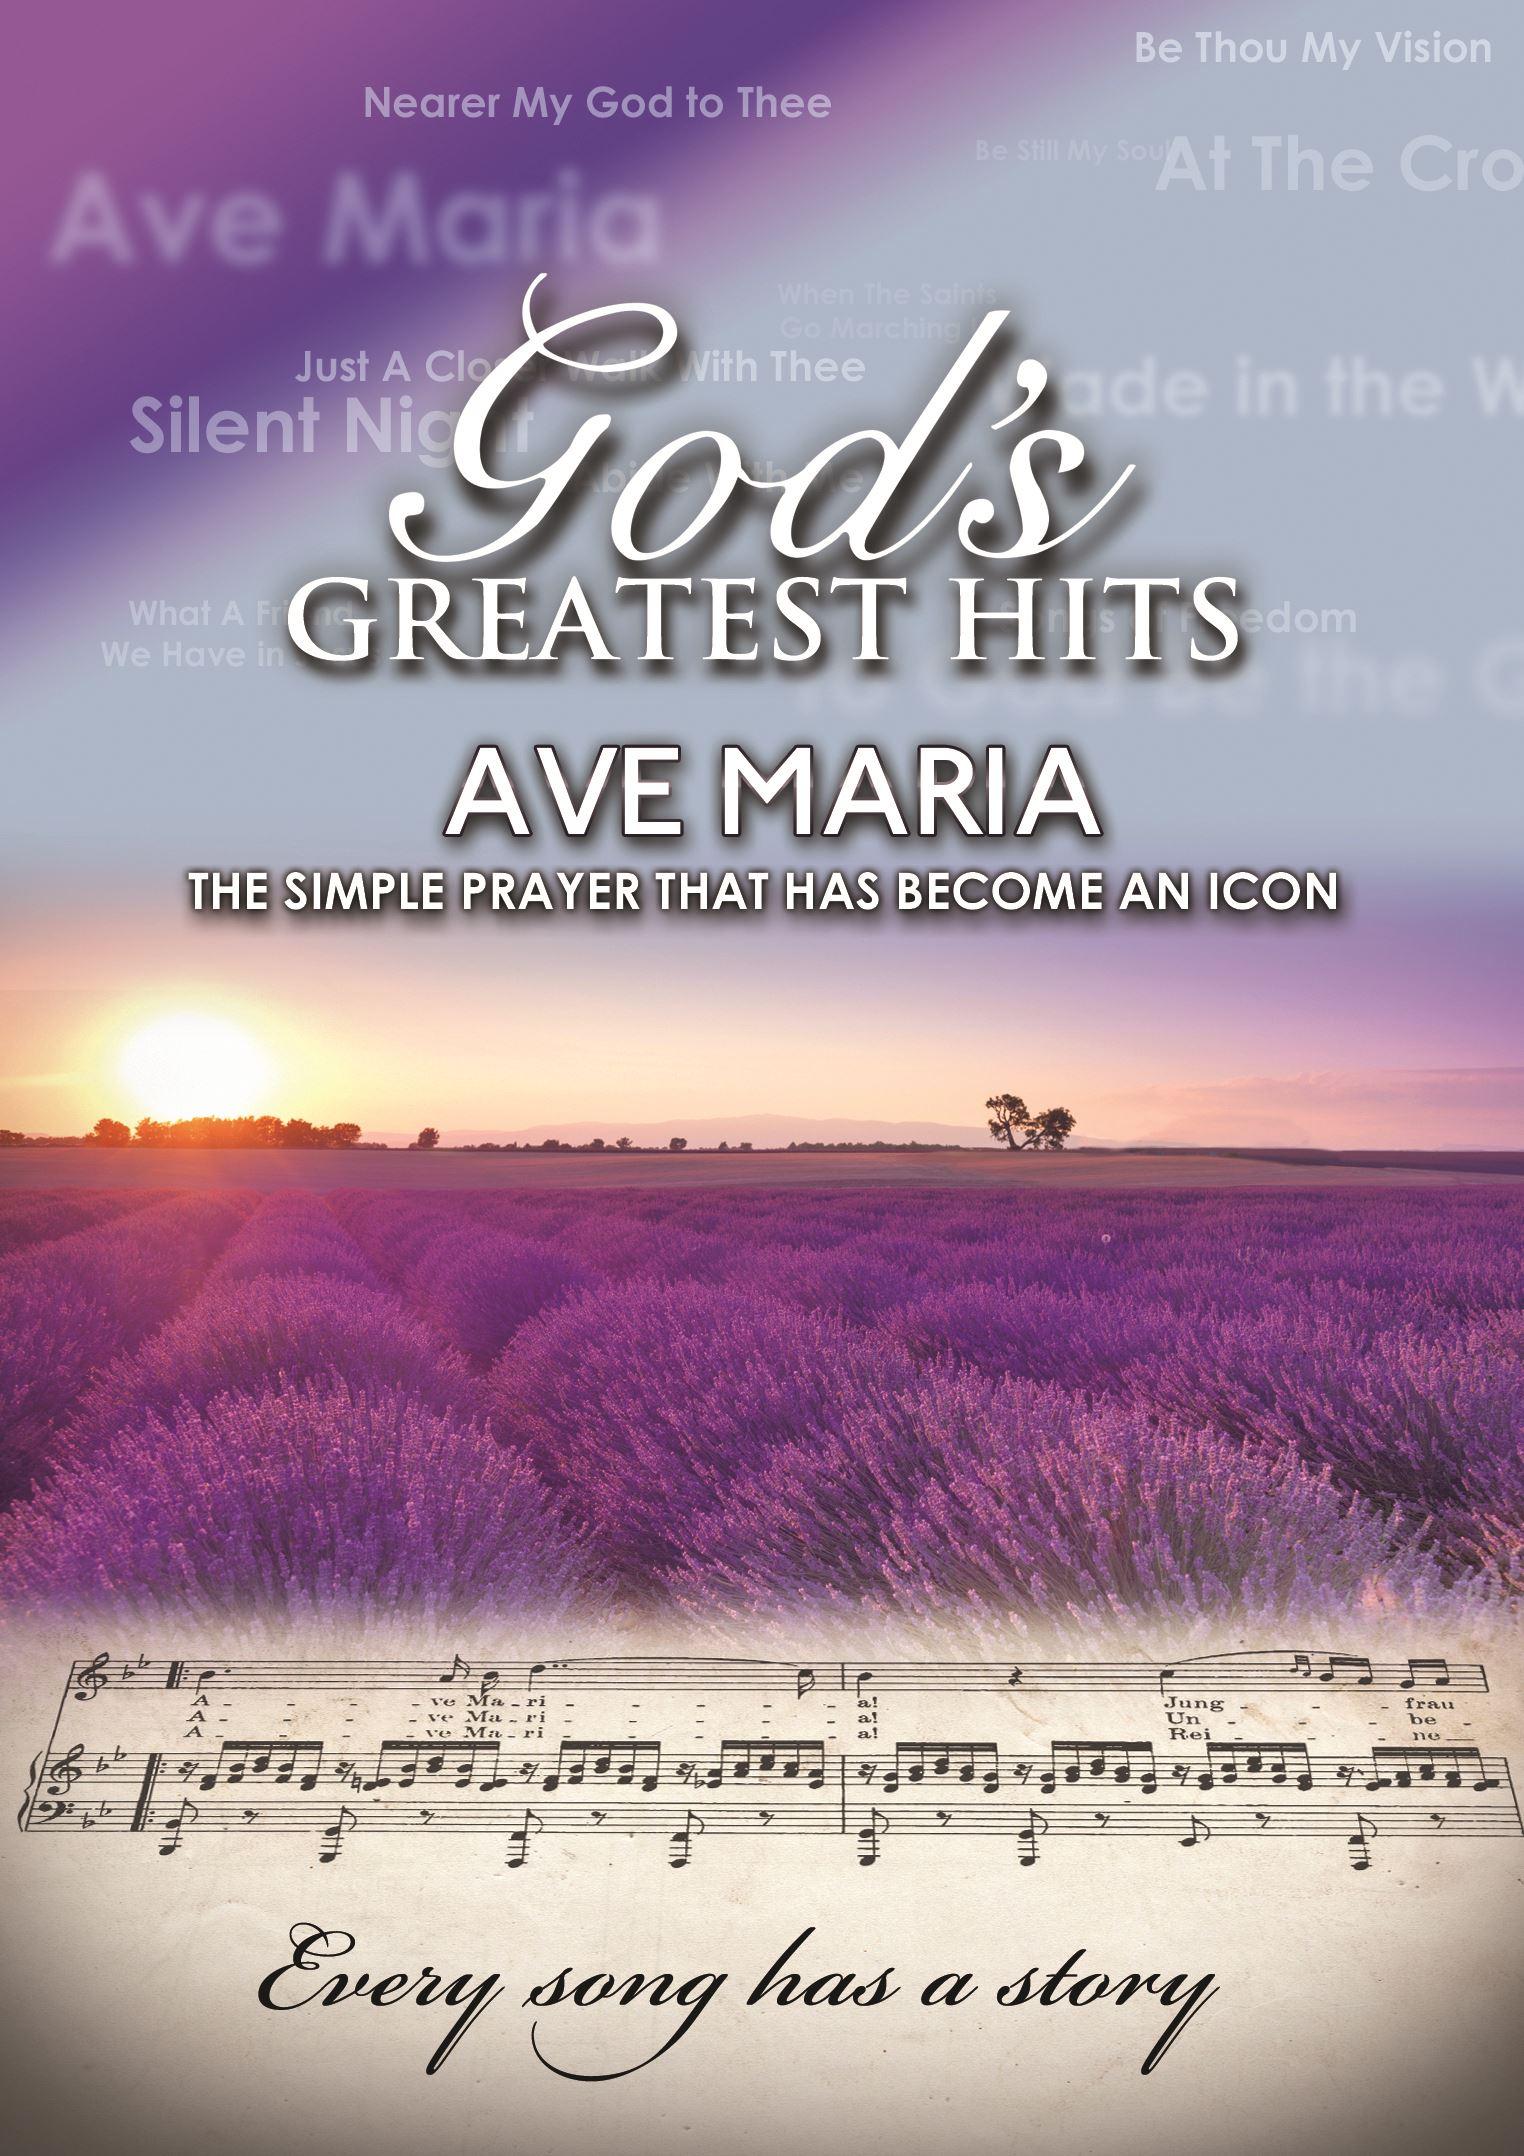 God's Greatest Hits: Ave Maria